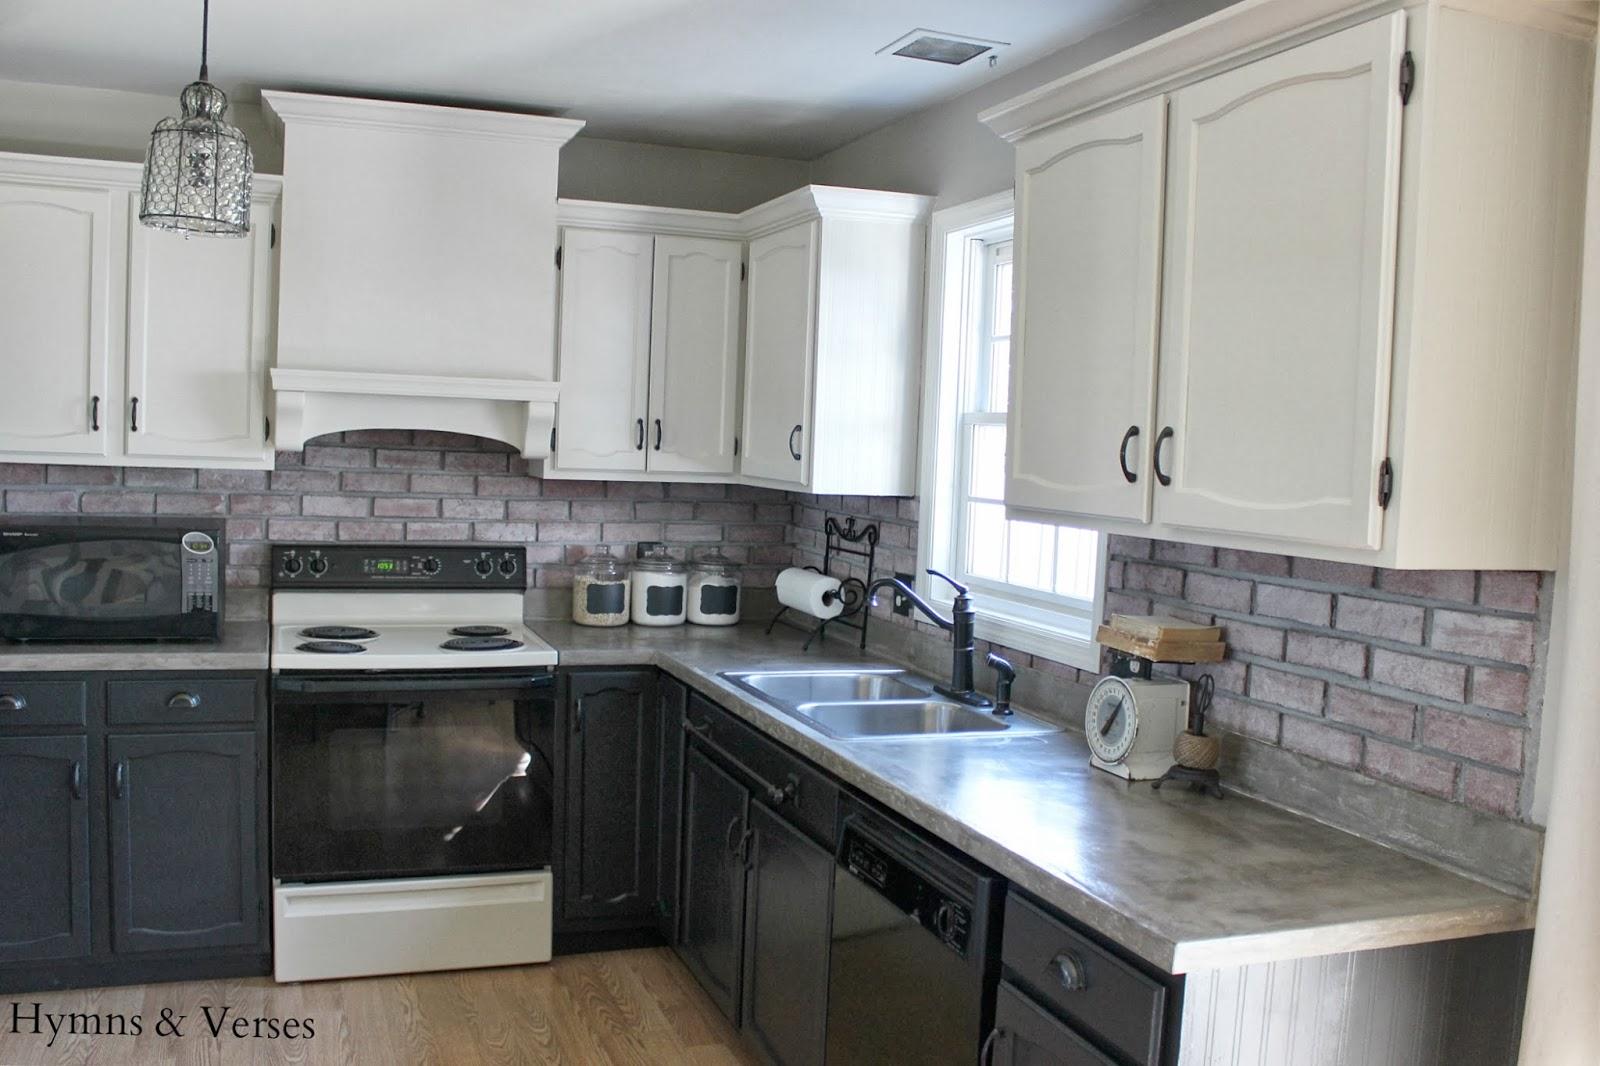 our diy kitchen makeover upper kitchen cabinets Our DIY Kitchen Makeover